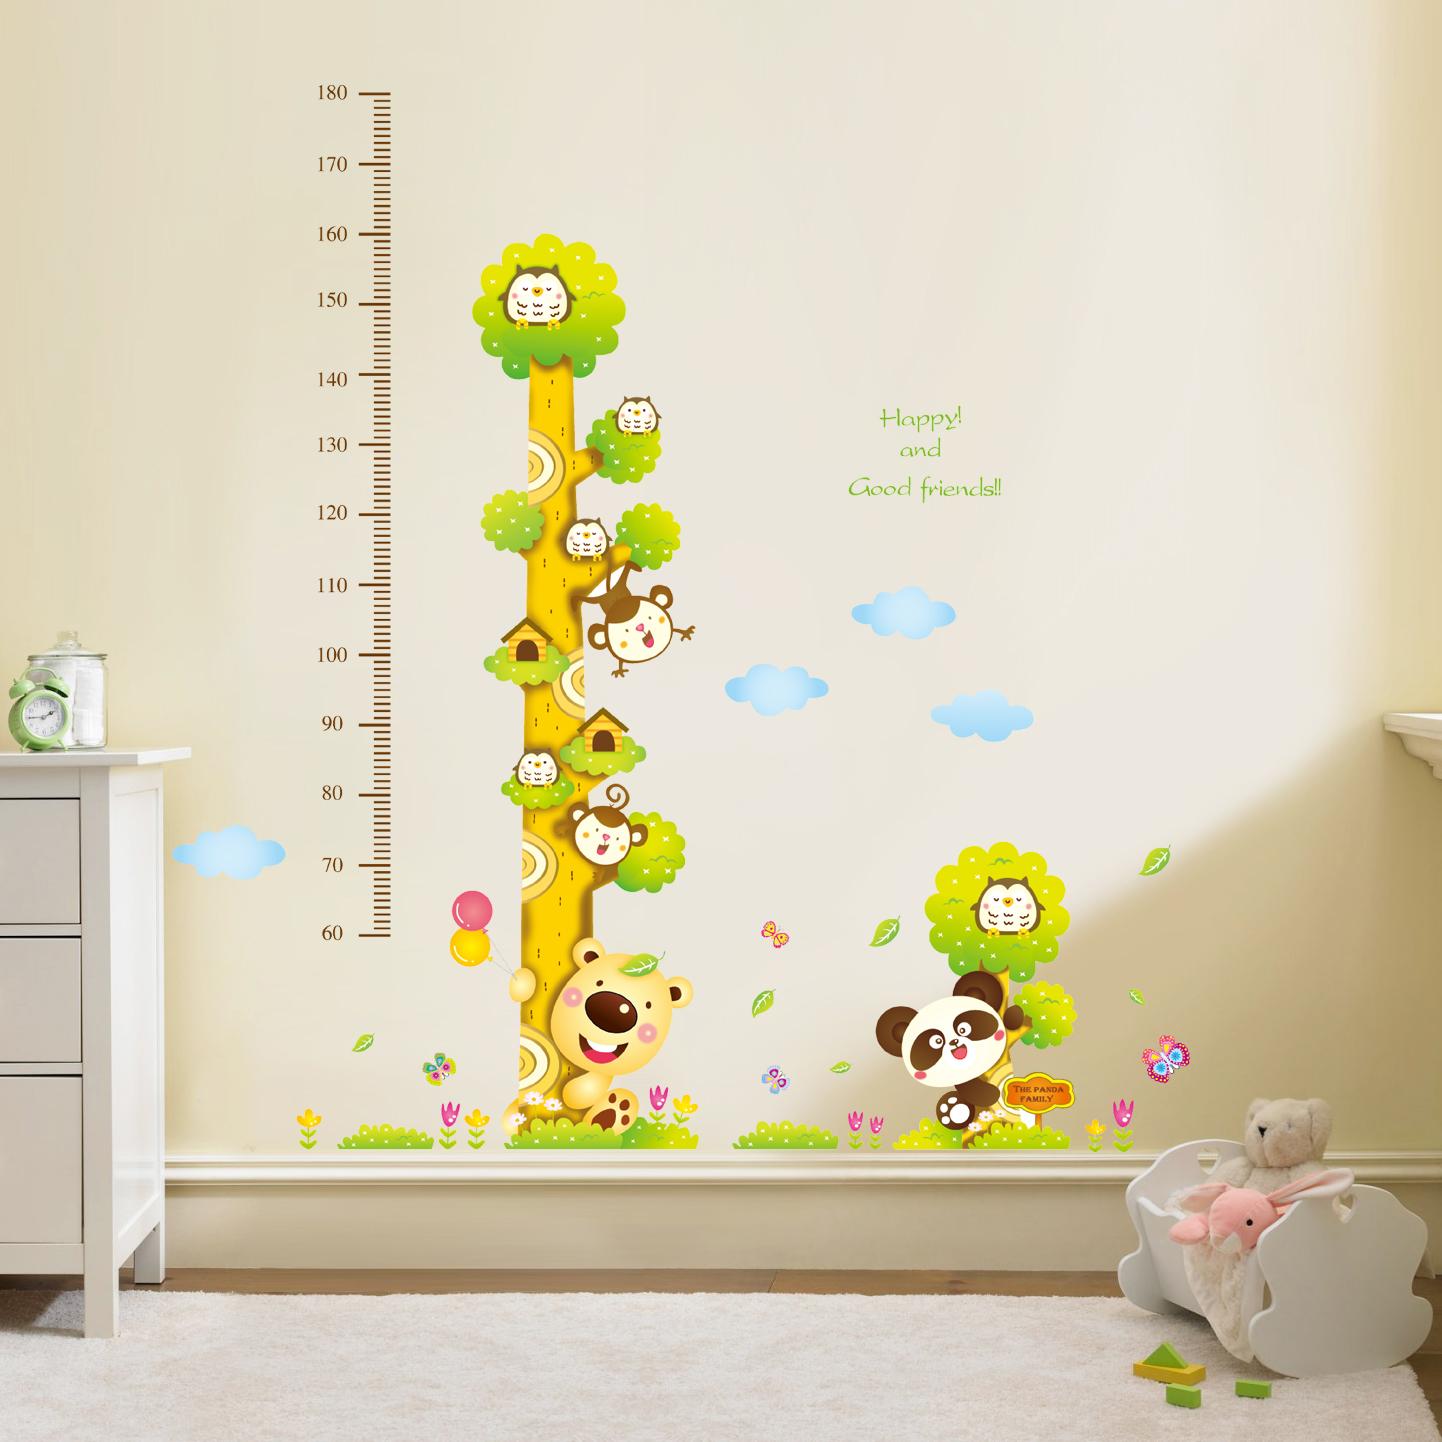 Decor.H 樹袋熊 兒童身高尺 無痕設計壁貼 不傷牆面 展覽 布置 創意 DIY 裝潢 裝飾